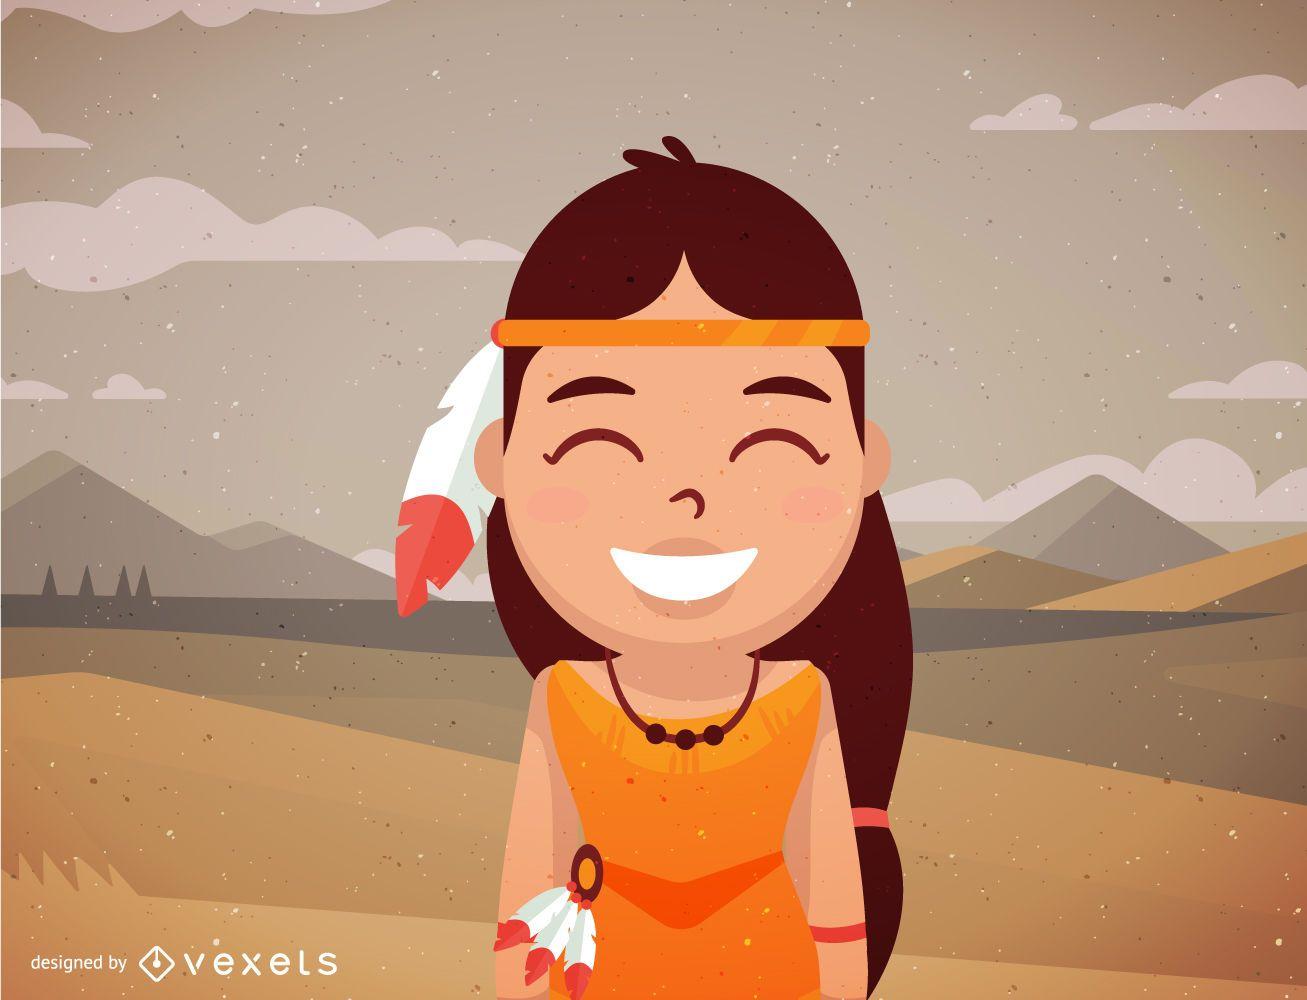 Female native american character cartoon